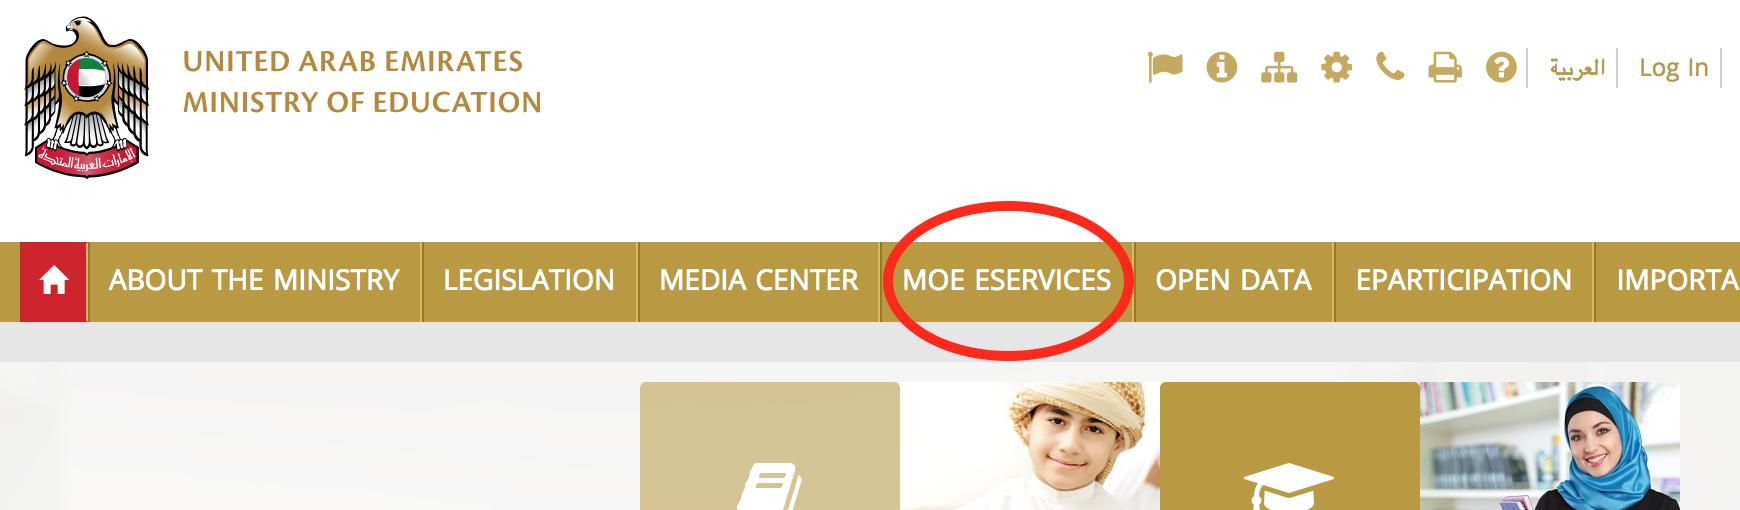 United Arab Emirates Ministry of Education